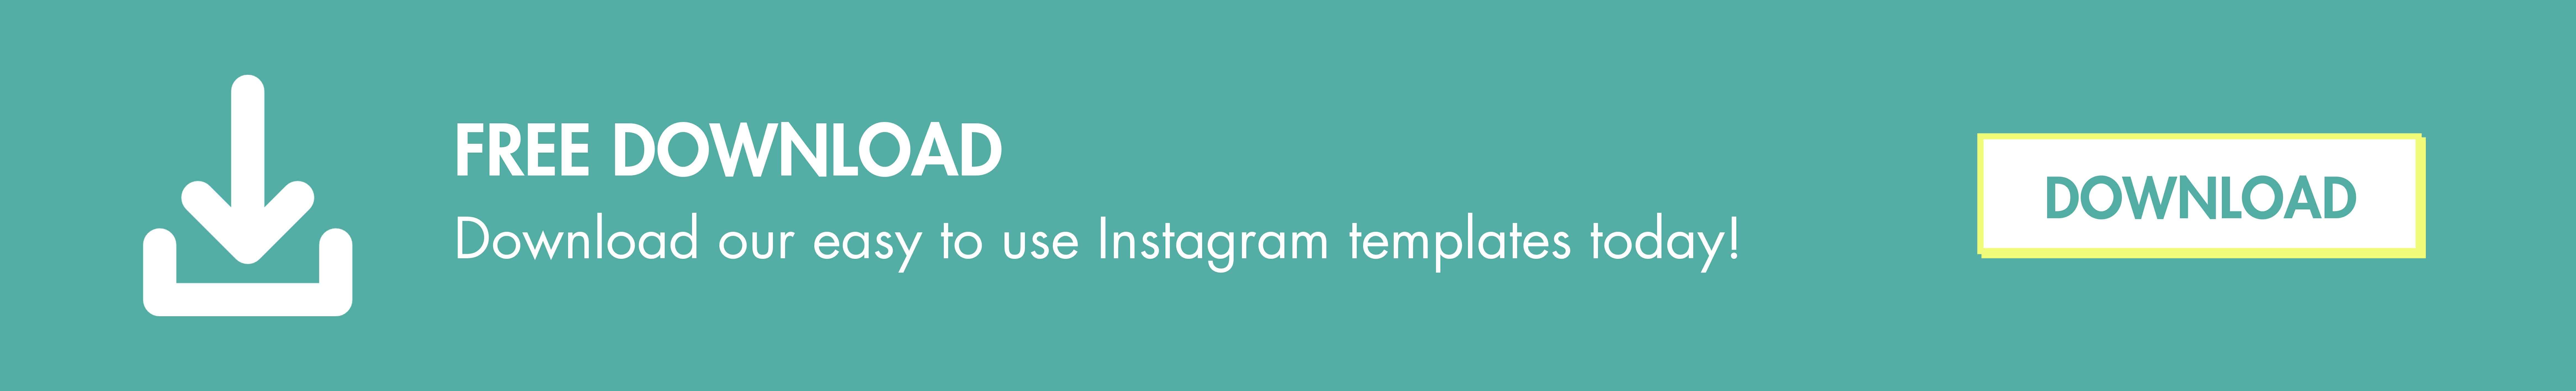 Download Instagram templates